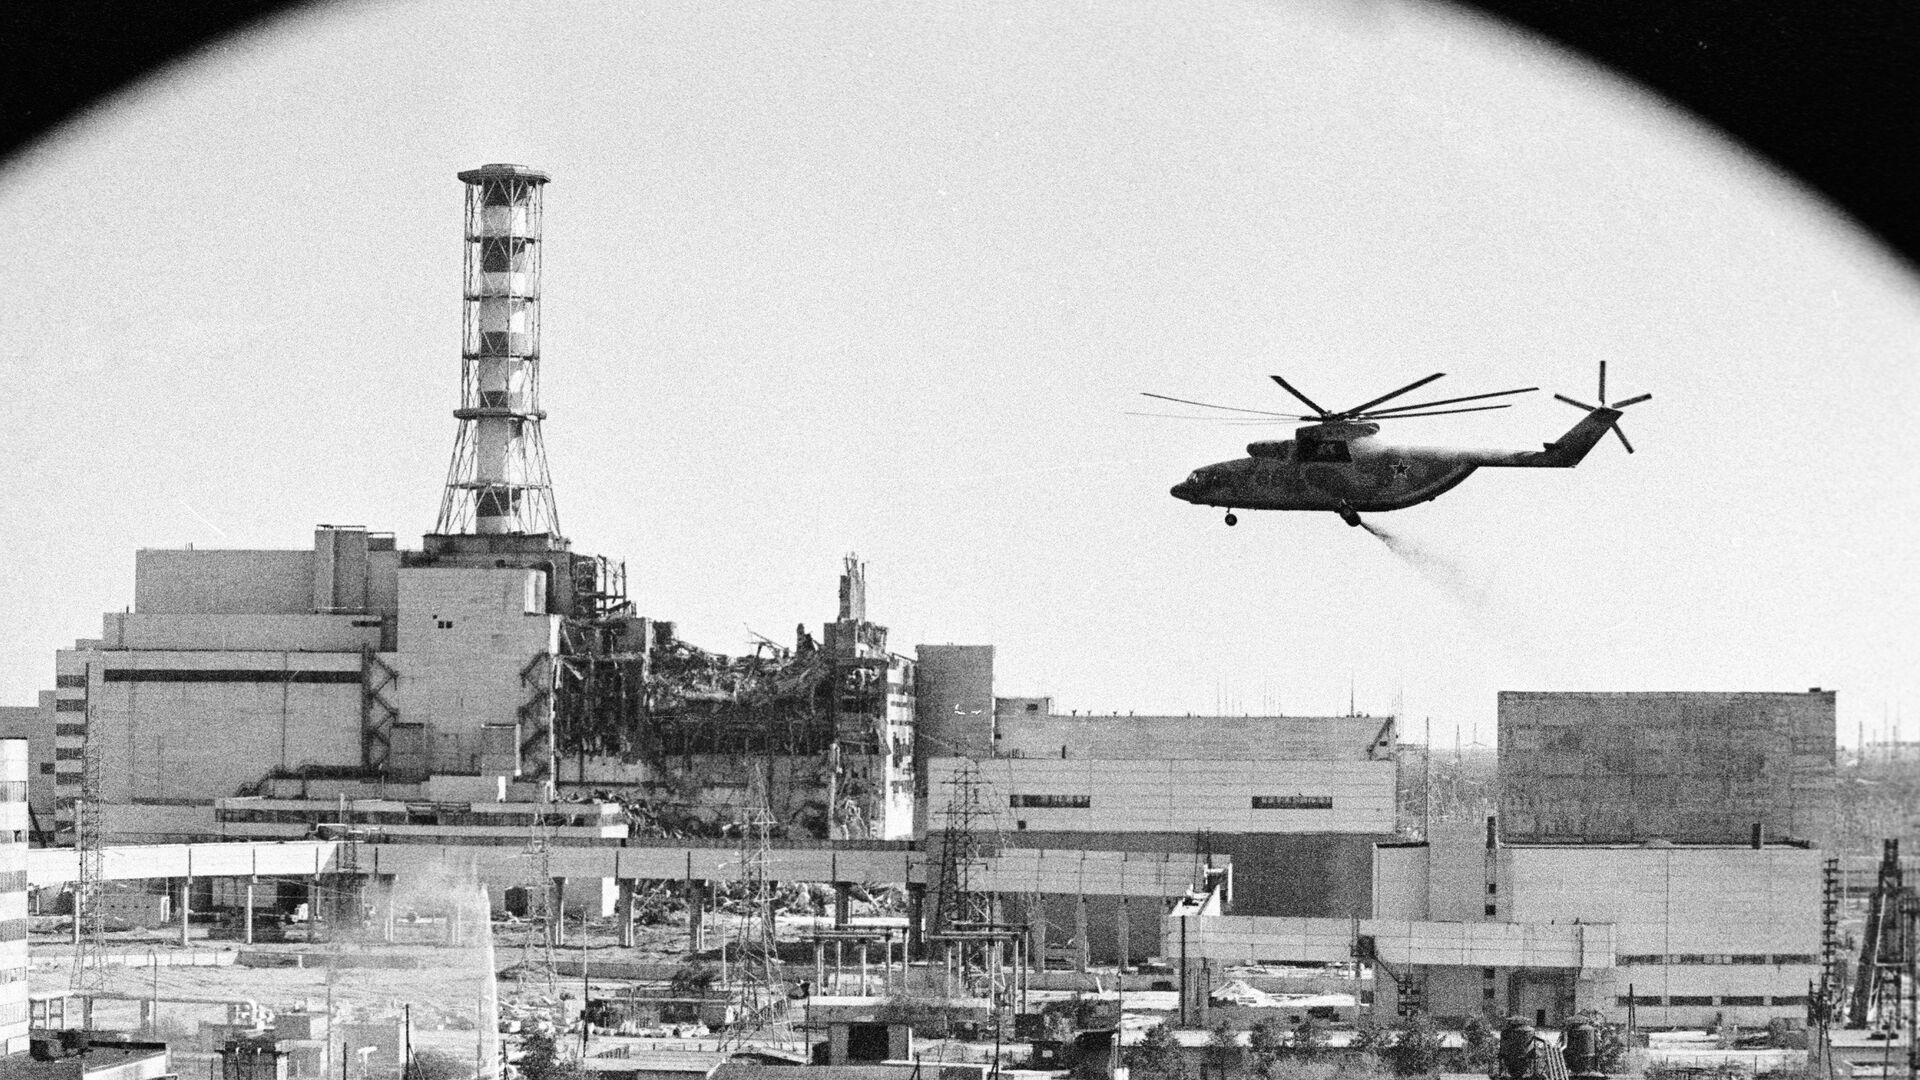 Вертолеты ведут дезактивацию зданий Чернобыльской атомной электростанции после аварии - РИА Новости, 1920, 26.04.2021